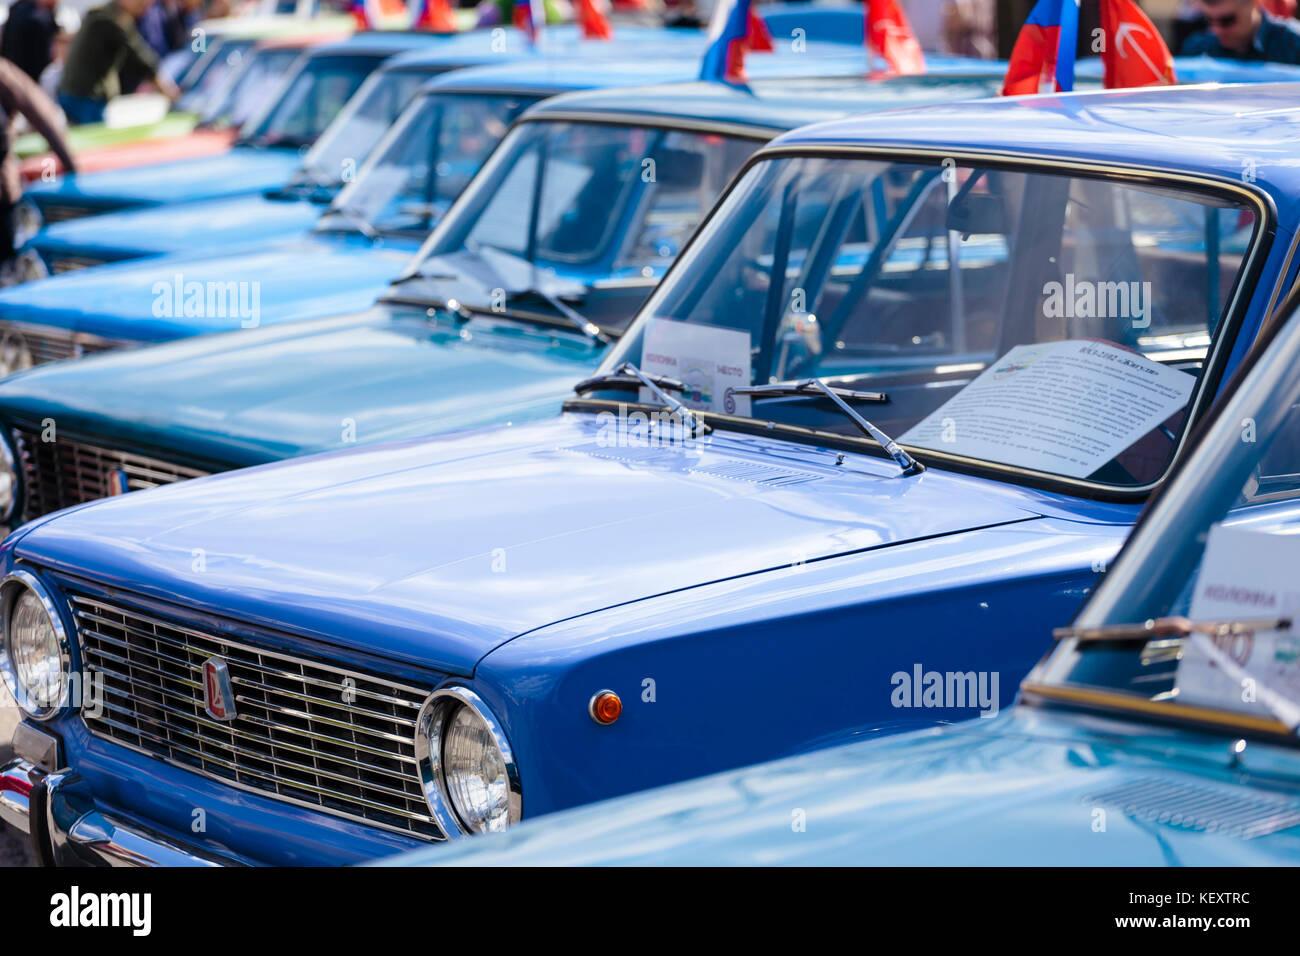 Foto, bei der die Zeile der blauen Oldtimer bei Ausstellung, Sankt Petersburg, Russland Stockbild